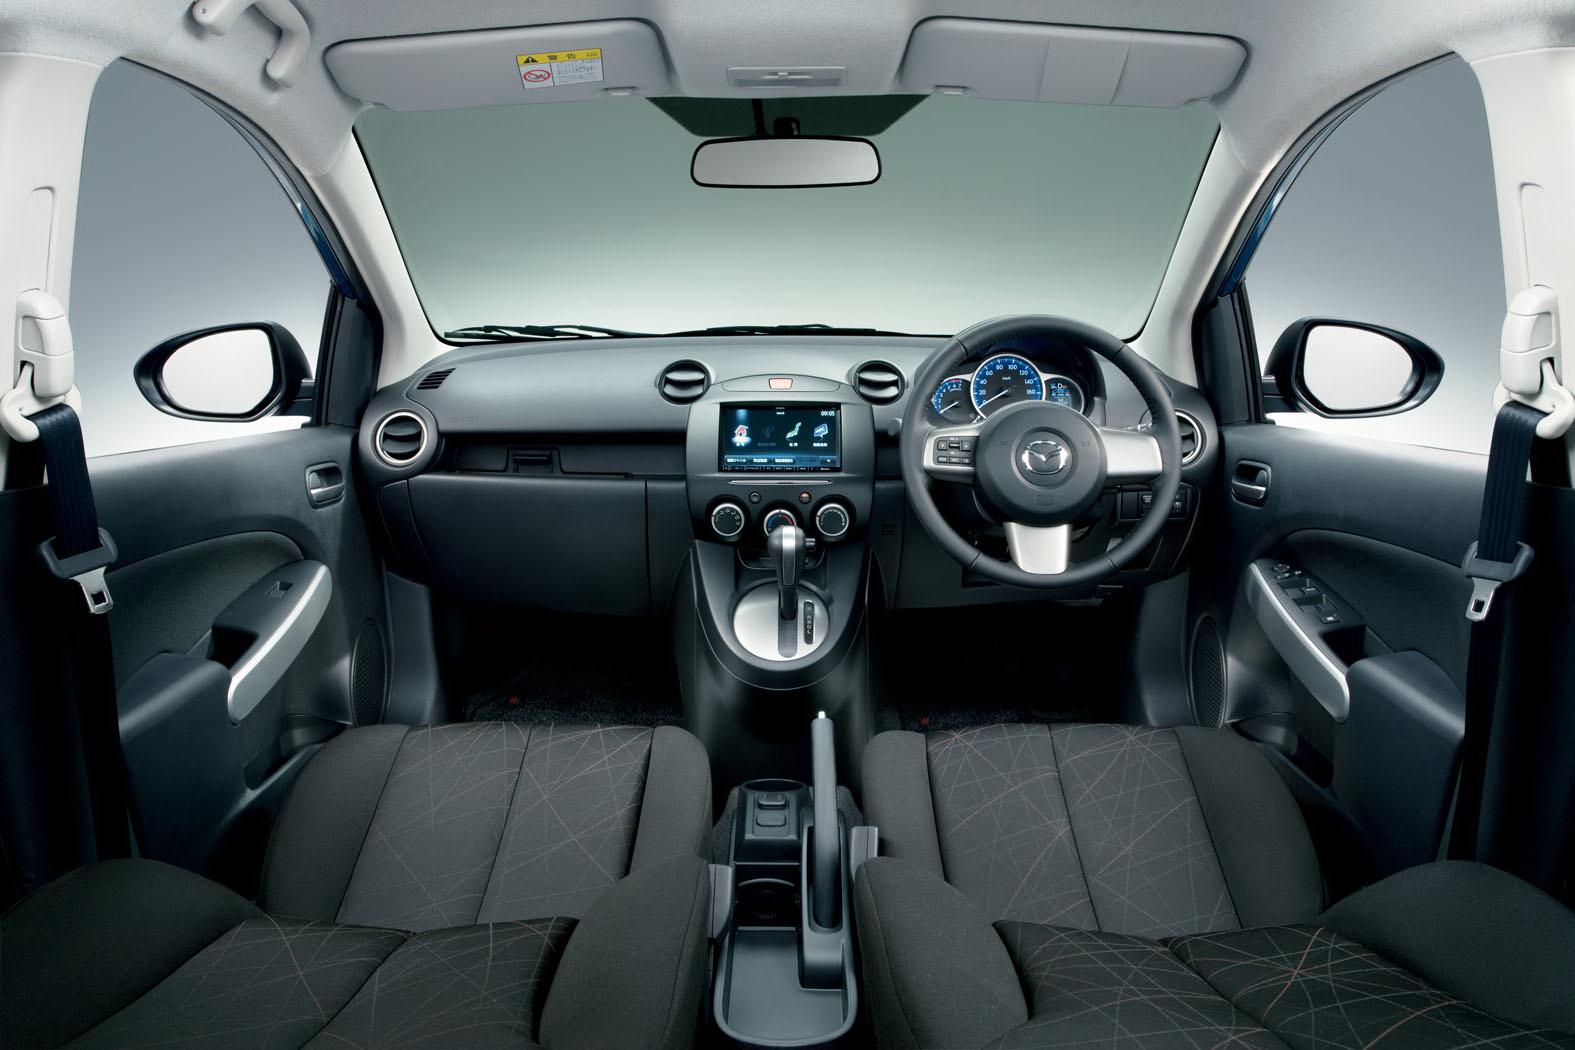 2012 Mazda Demio 13-SKYACTIV Arrives in Japan [Image ...